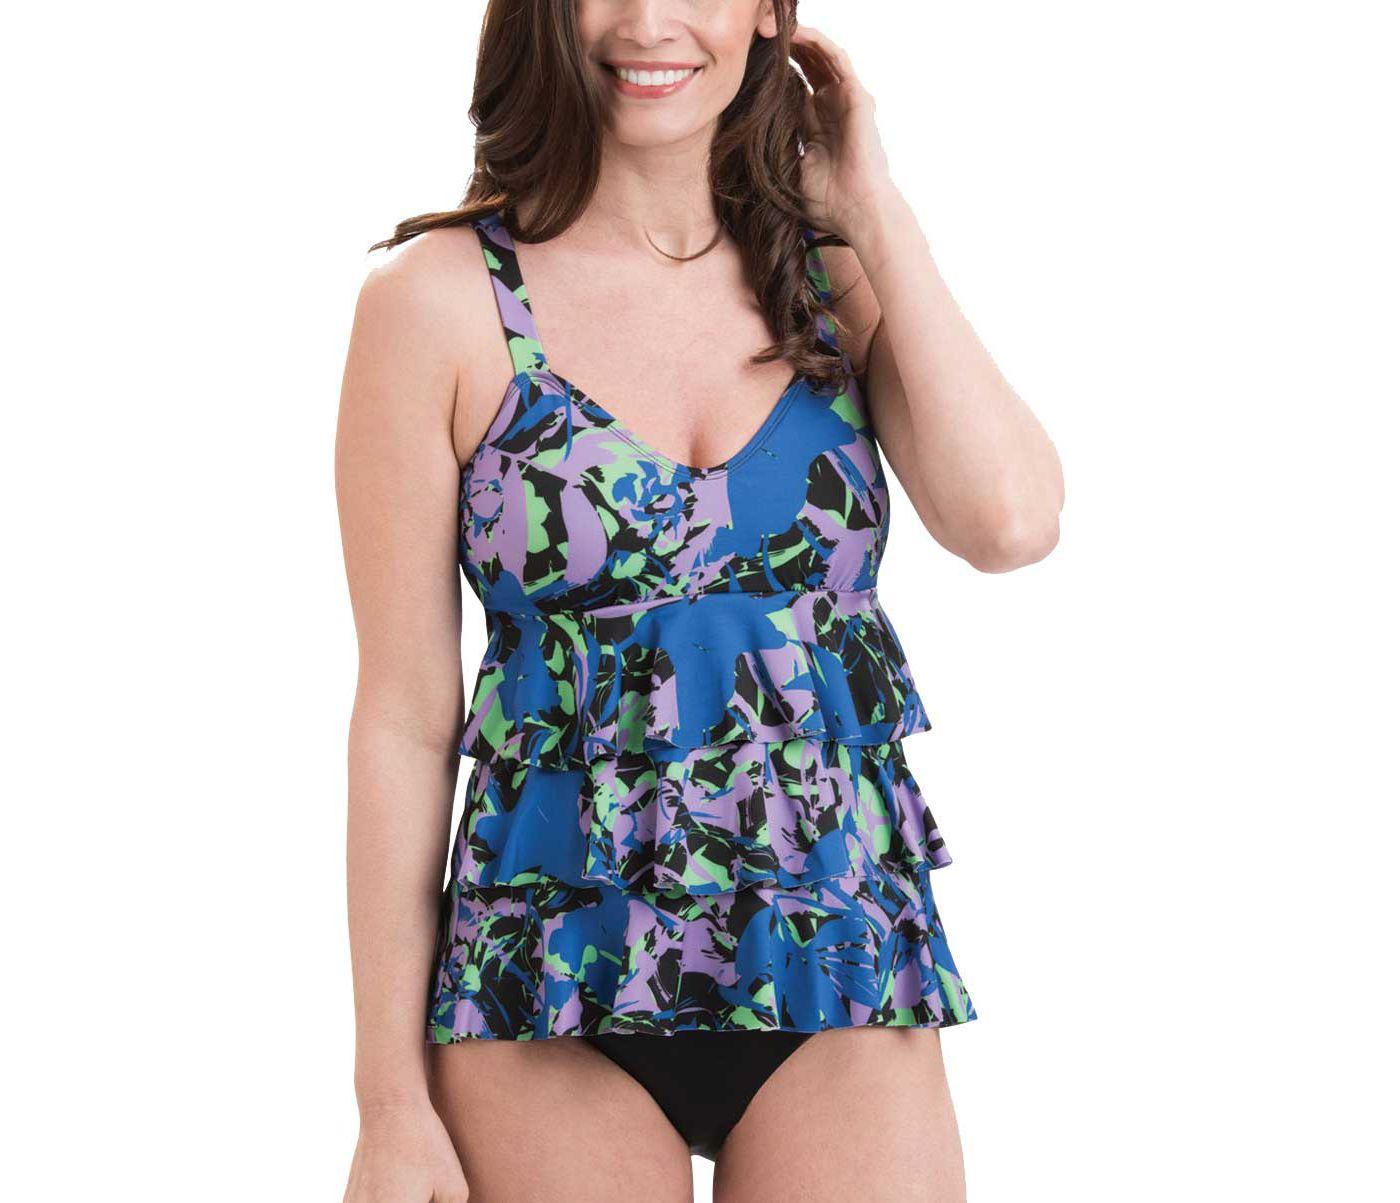 Dolfin Women's Aquashape Blue Eden Ruffle Swimsuit